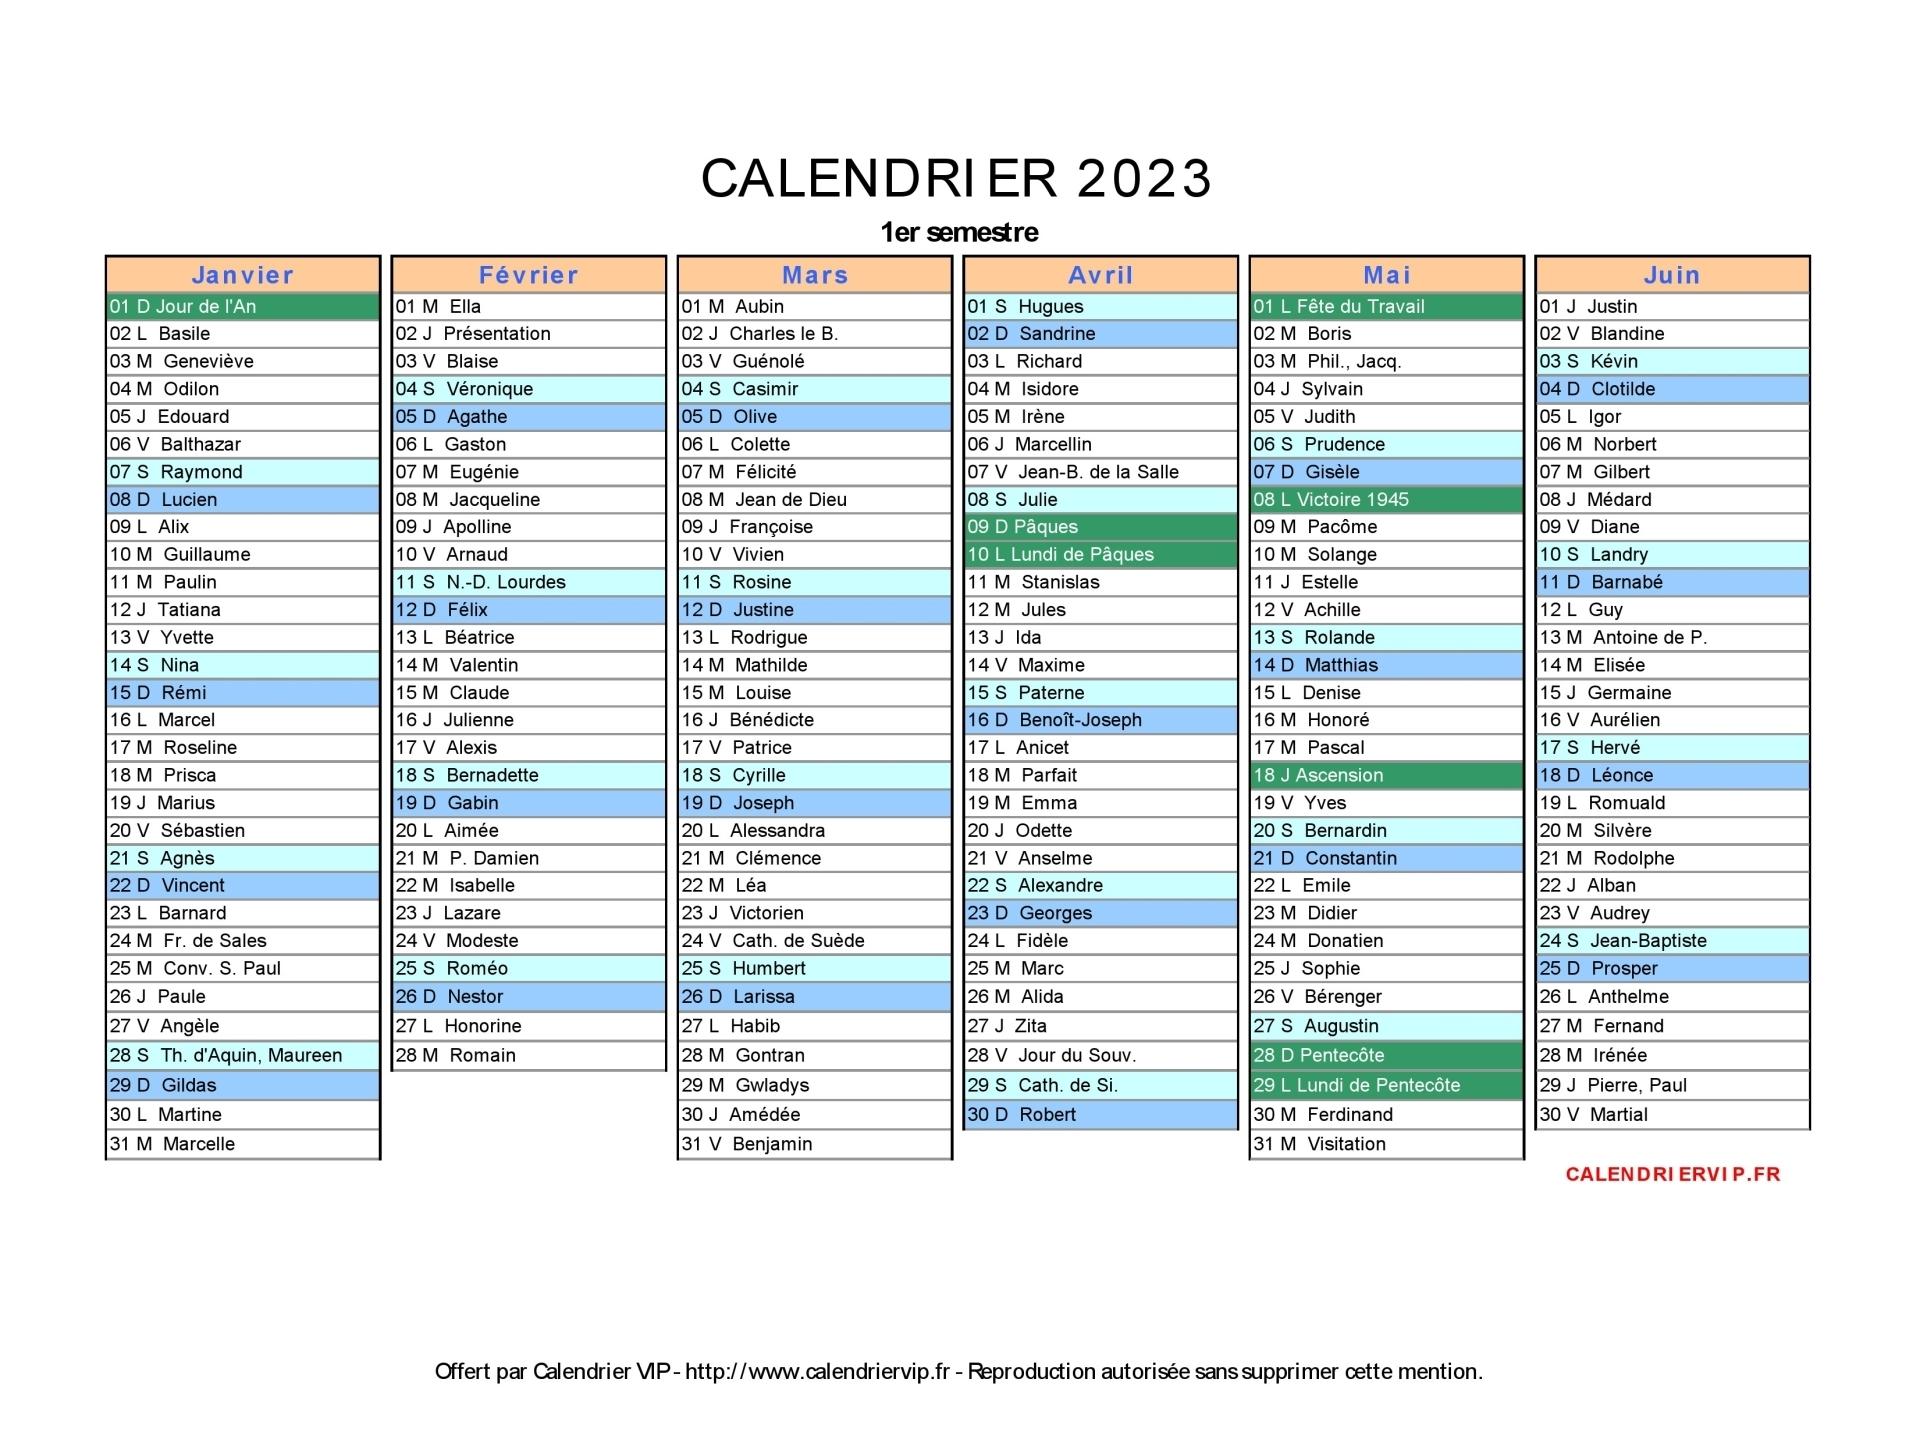 Calendrier 2022 2023 Excel Calendrier 2023 à imprimer gratuit en PDF et Excel